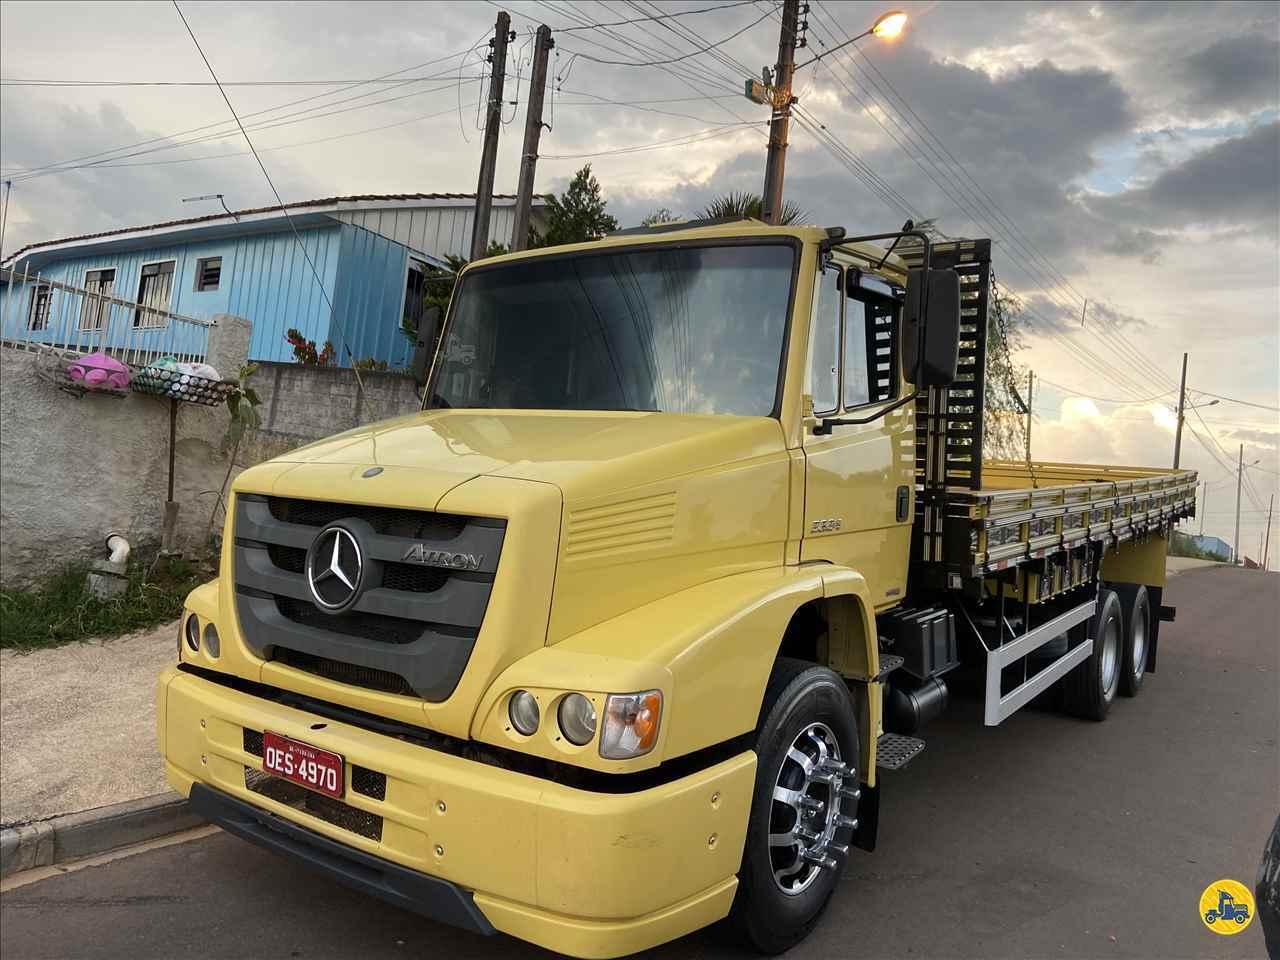 CAMINHAO MERCEDES-BENZ MB 2324 Carga Seca Truck 6x2 Gaúcho Caminhões ANAPOLIS GOIAS GO